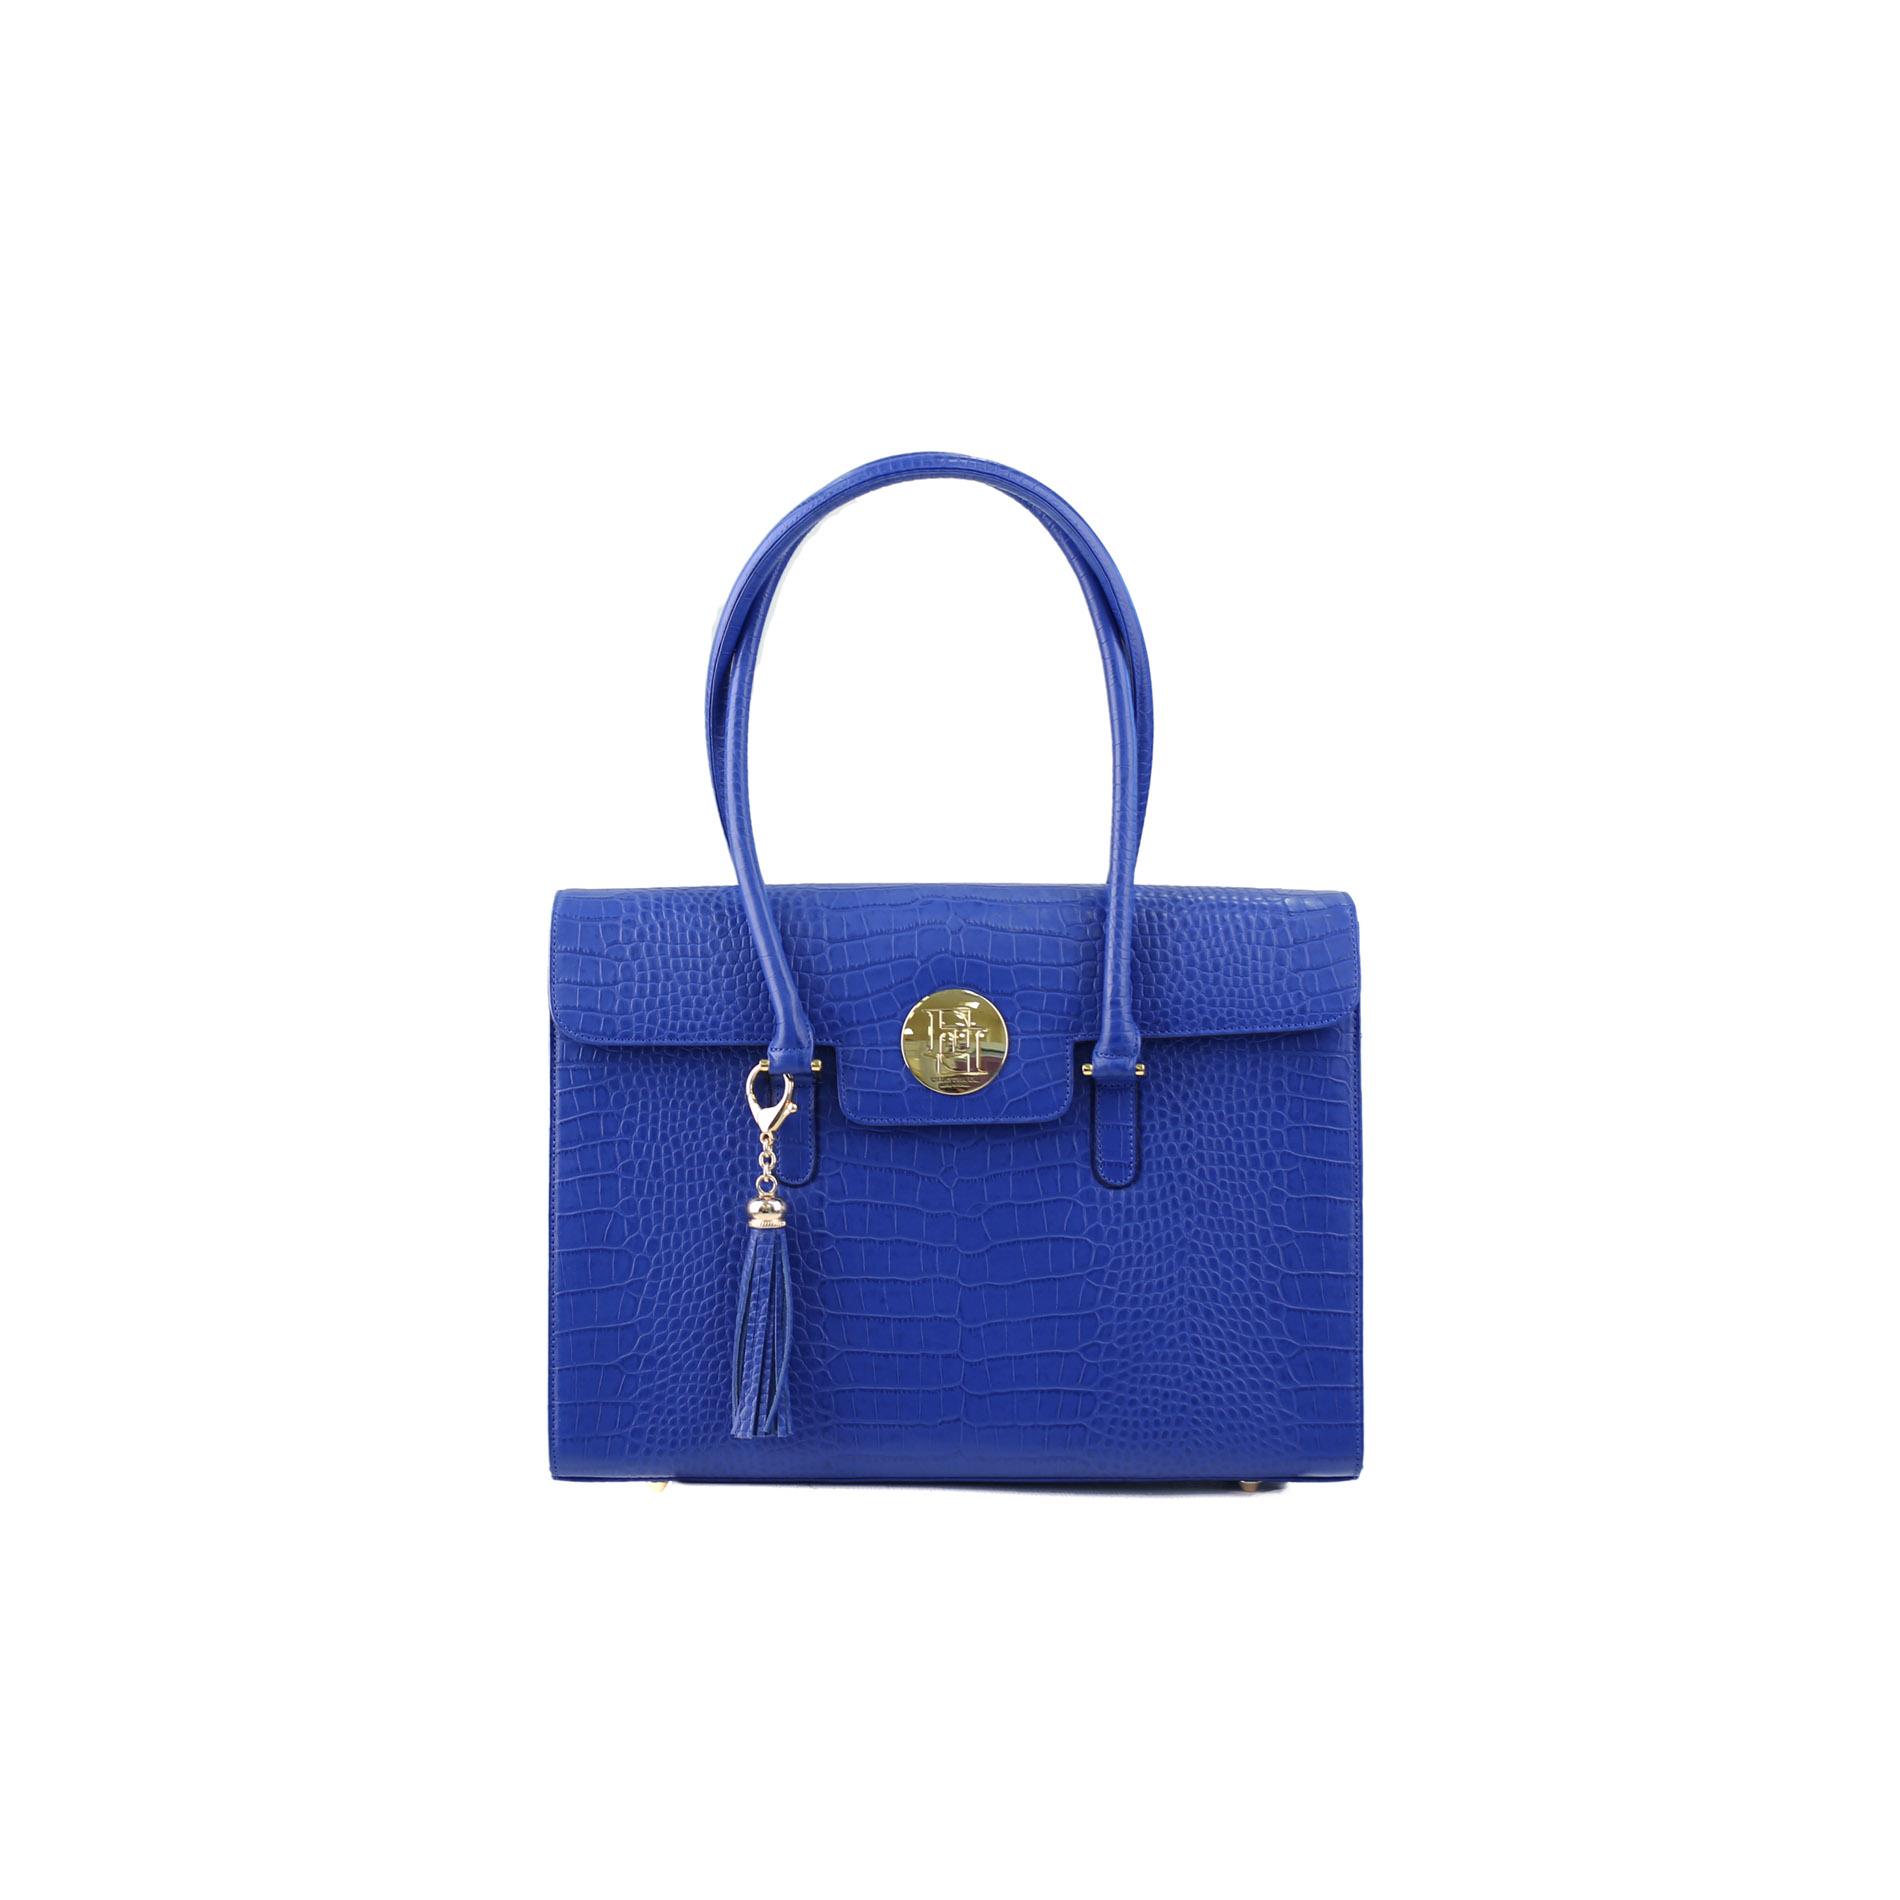 핸드백>젠느 블루